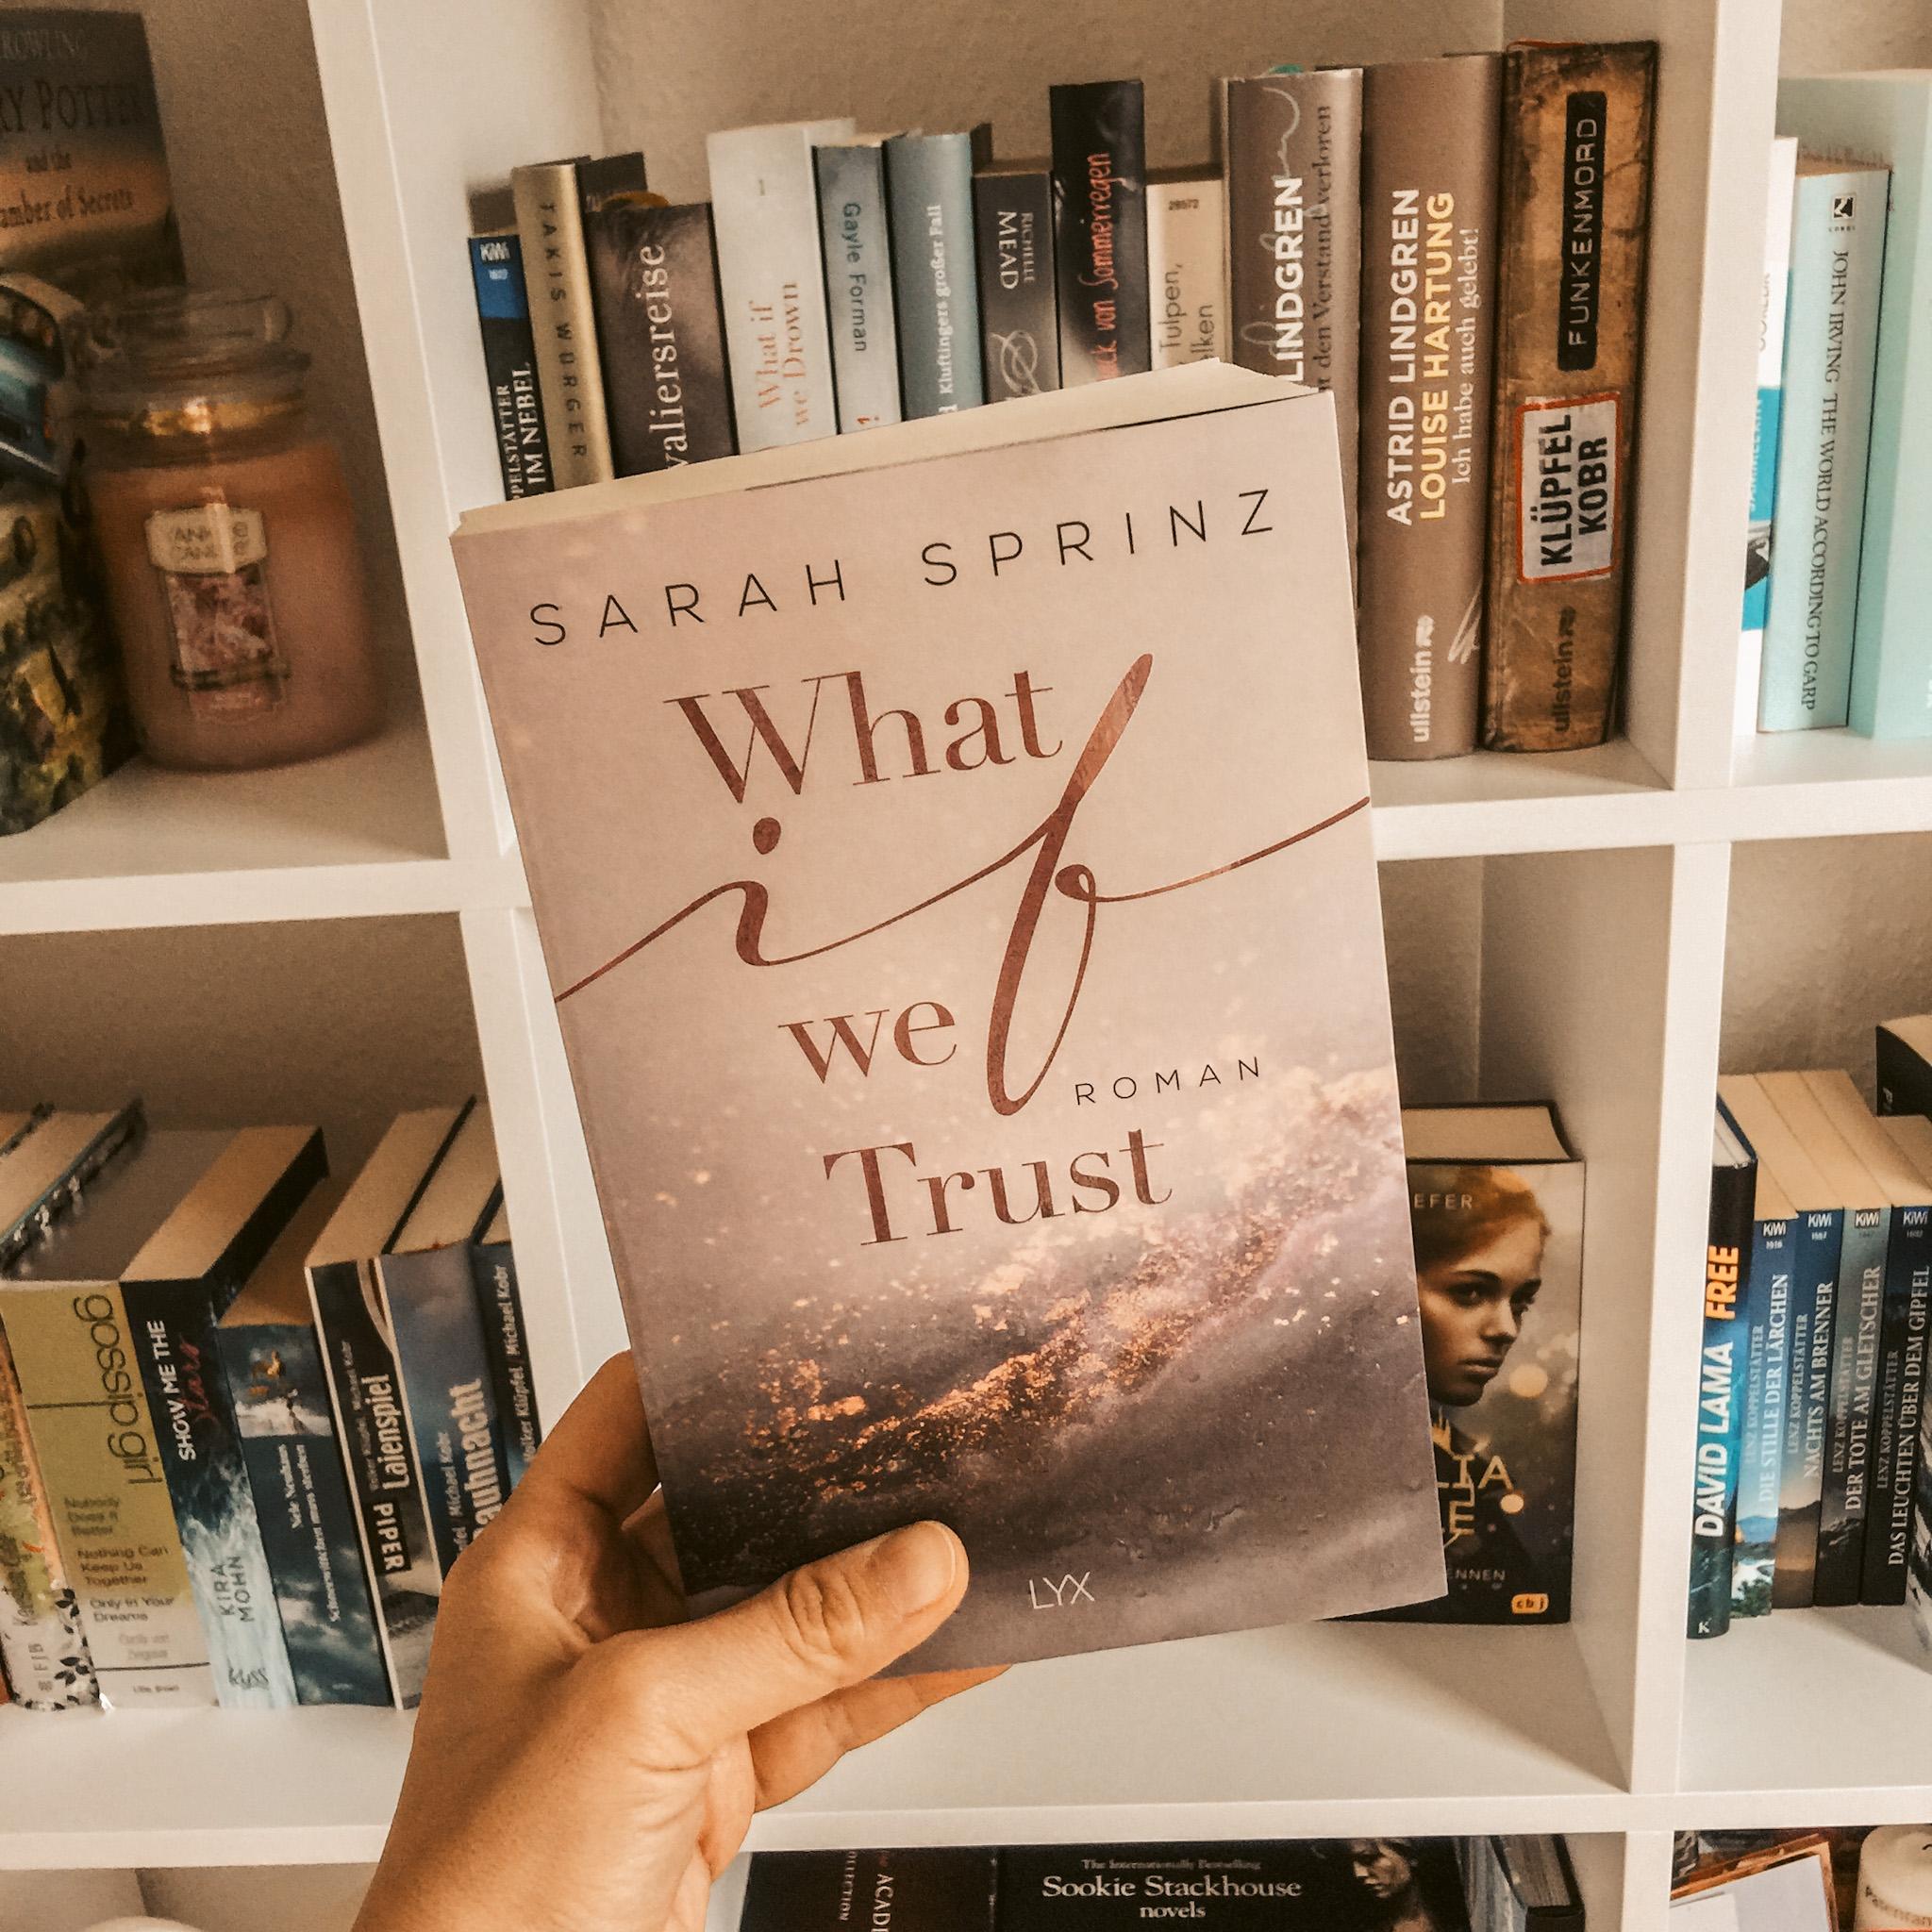 Lesemonat Juni 2021 What If We Trust von Sarah Sprinz